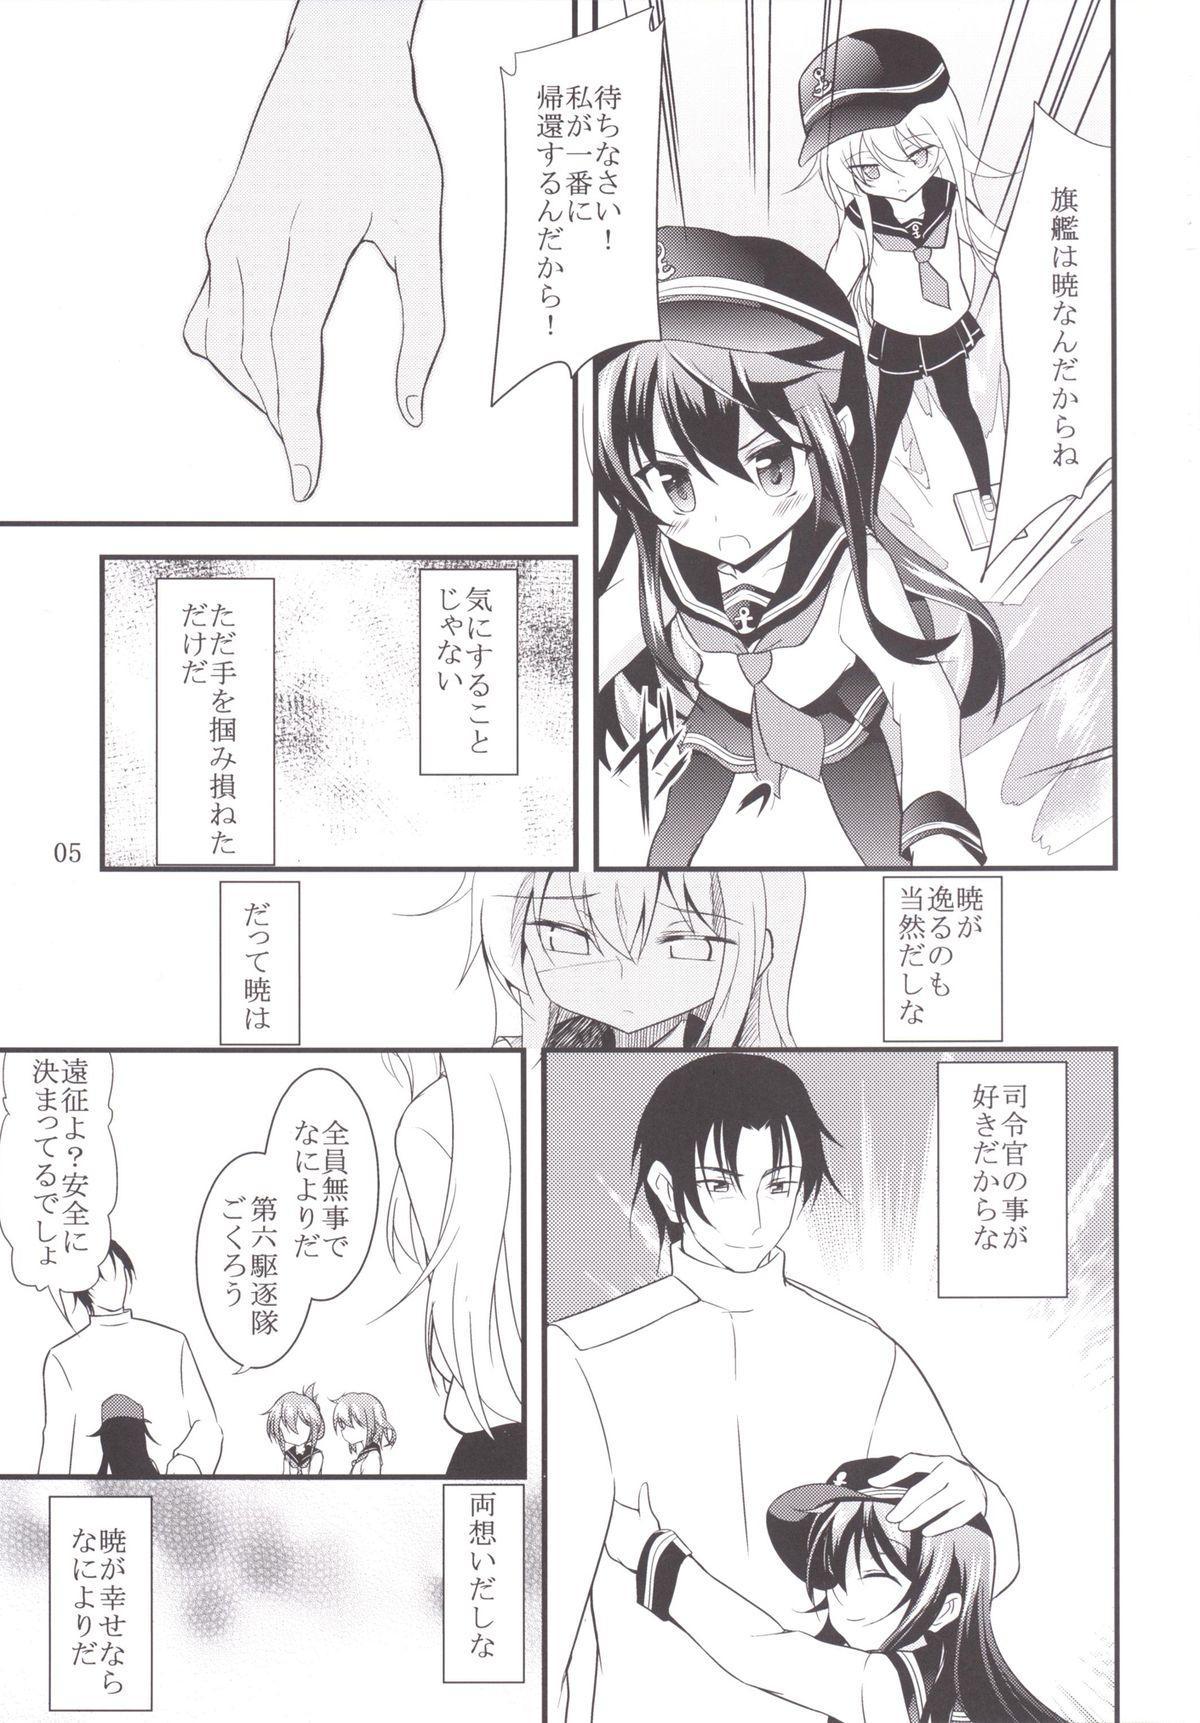 Hibiki to Akatsuki 3